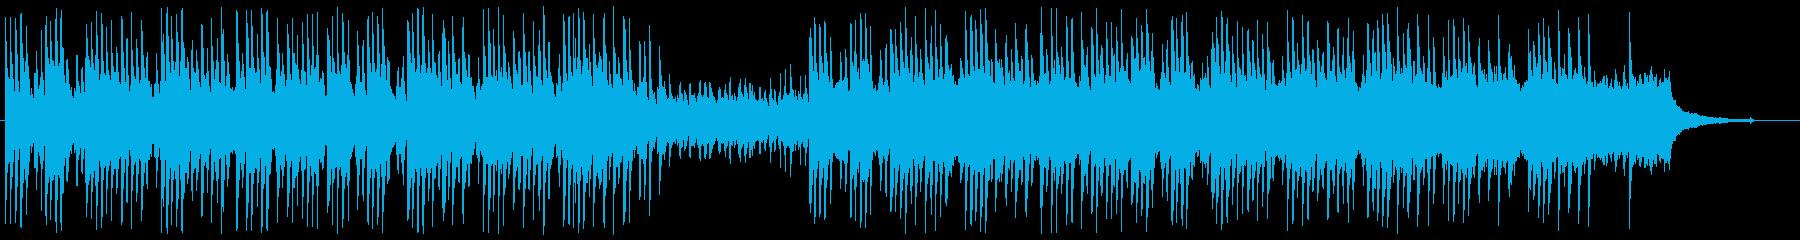 【ドラム・ベース抜き】アップテンポなほ…の再生済みの波形